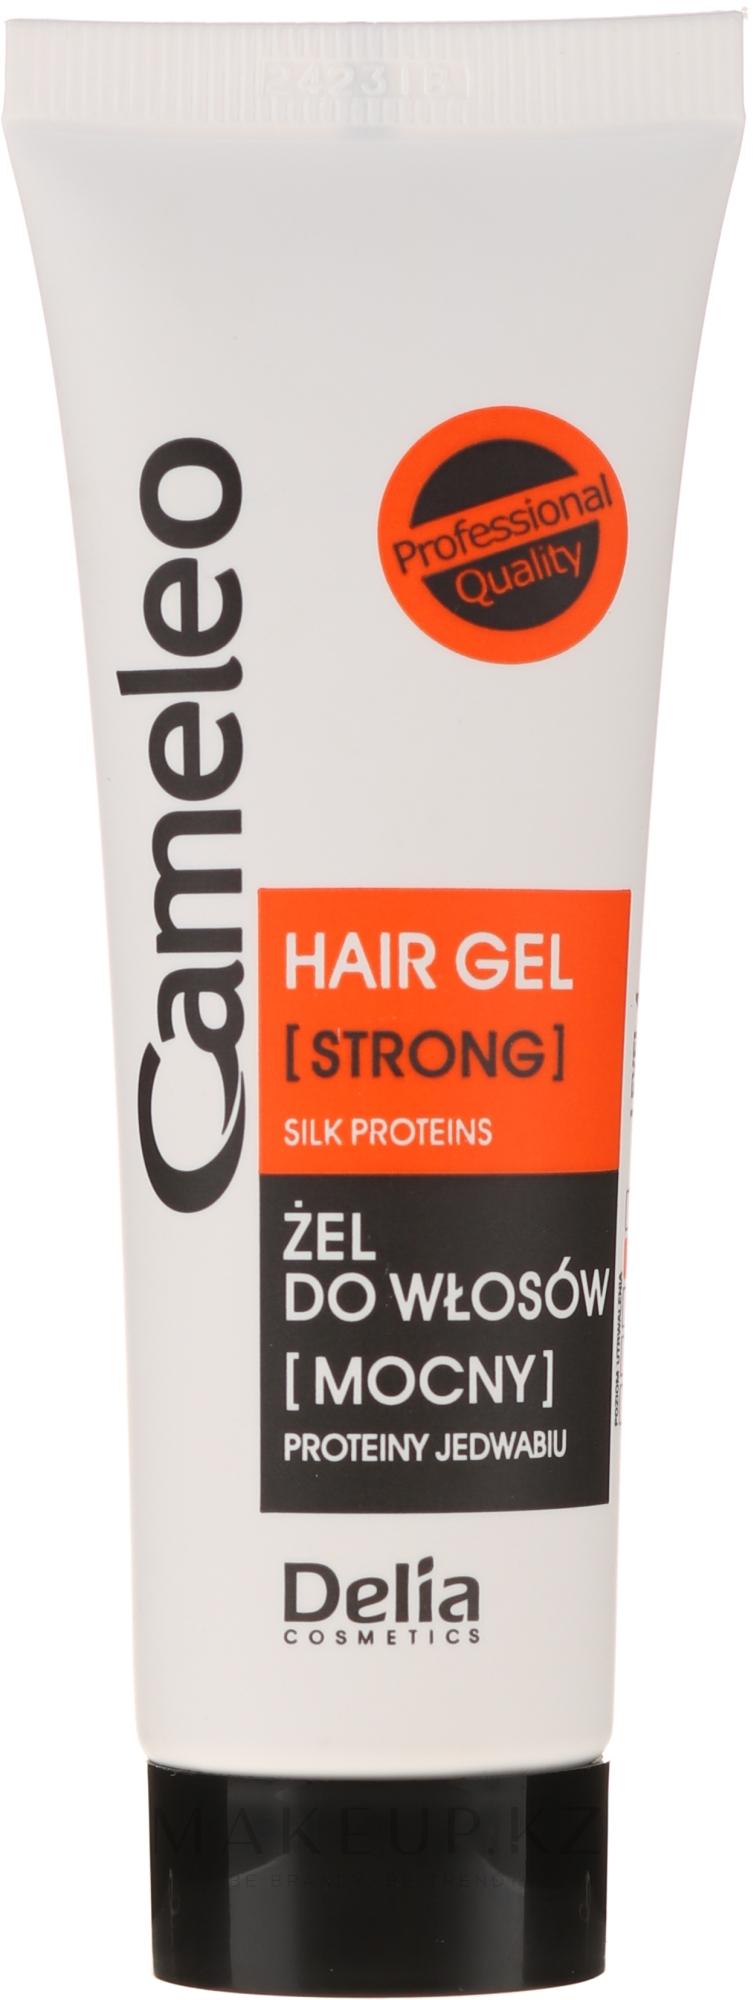 Гель для волос сильной фиксации - Delia Cosmetics Cameleo Hair Gel Strong — фото 50 ml